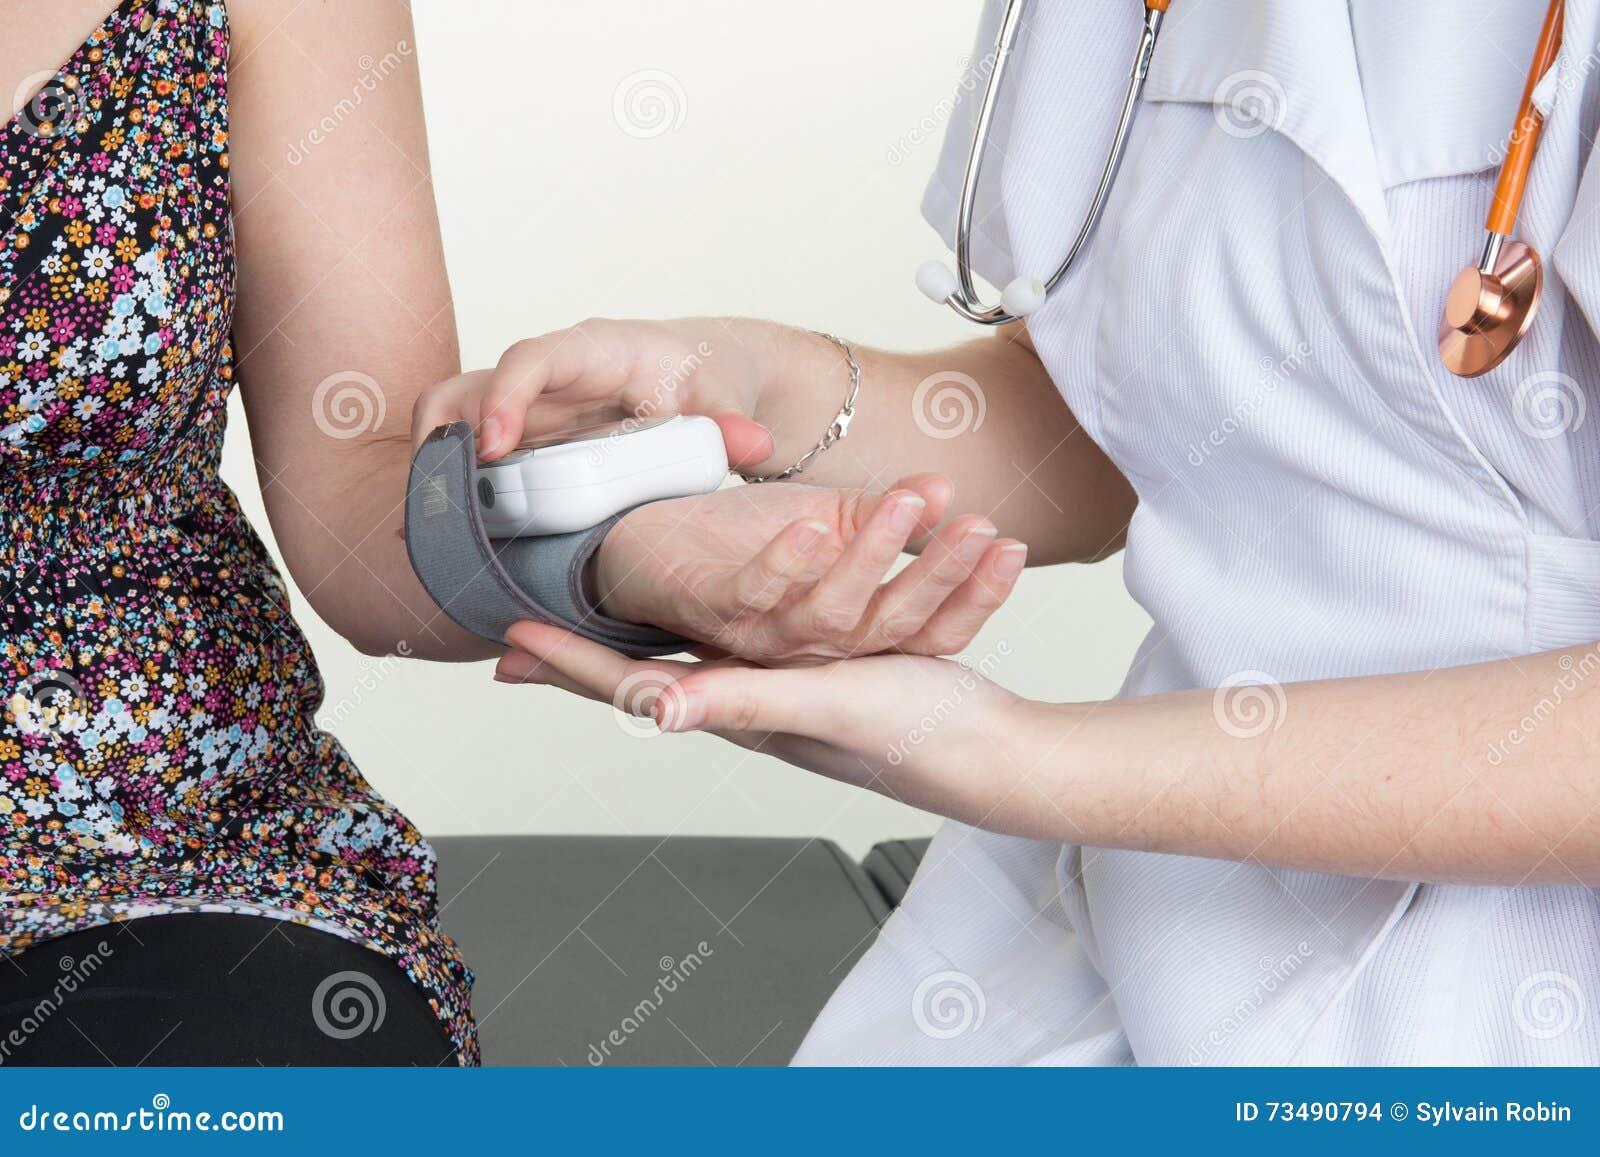 Αρσενικό νοσοκόμα ή γιατρός που παίρνει μια ανάγνωση πίεσης του αίματος που χρησιμοποιεί μια μανσέτα σε μια γυναίκα